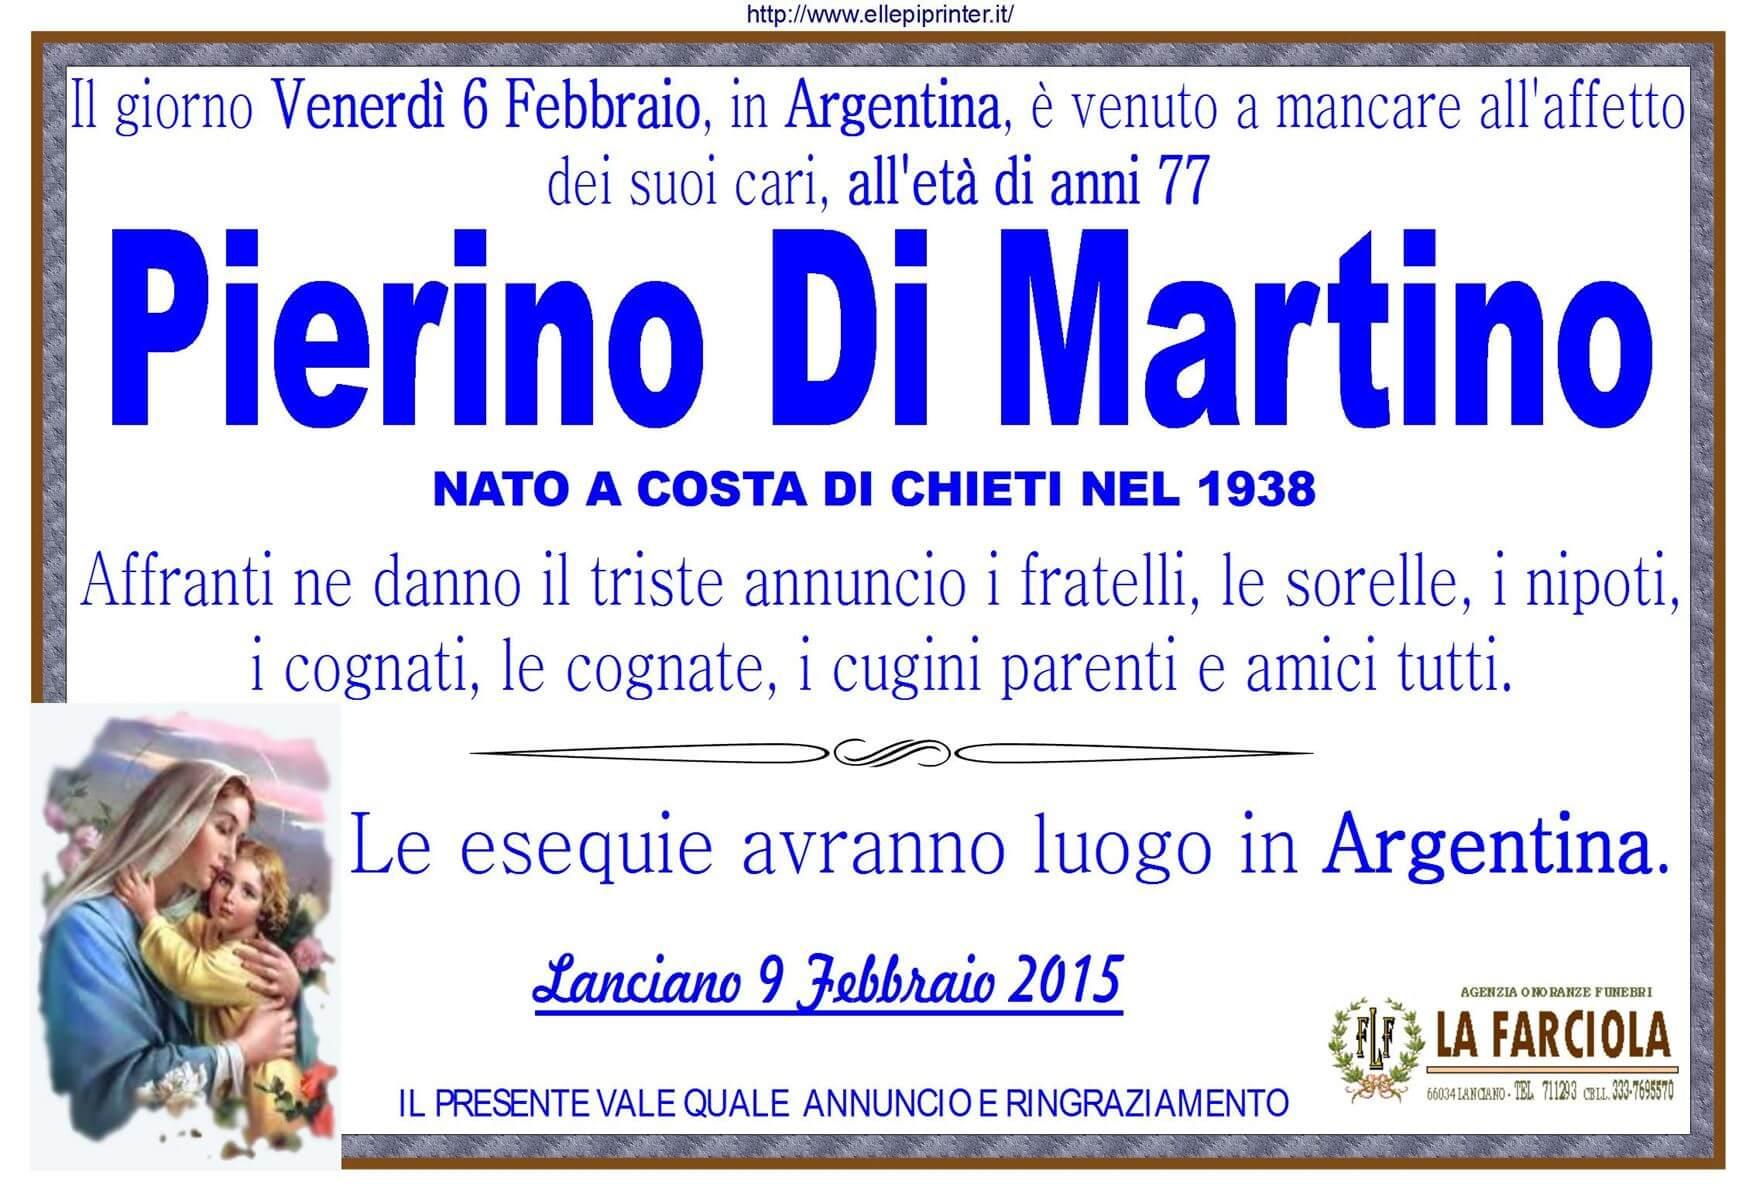 MANIFESTO DI MARTINO